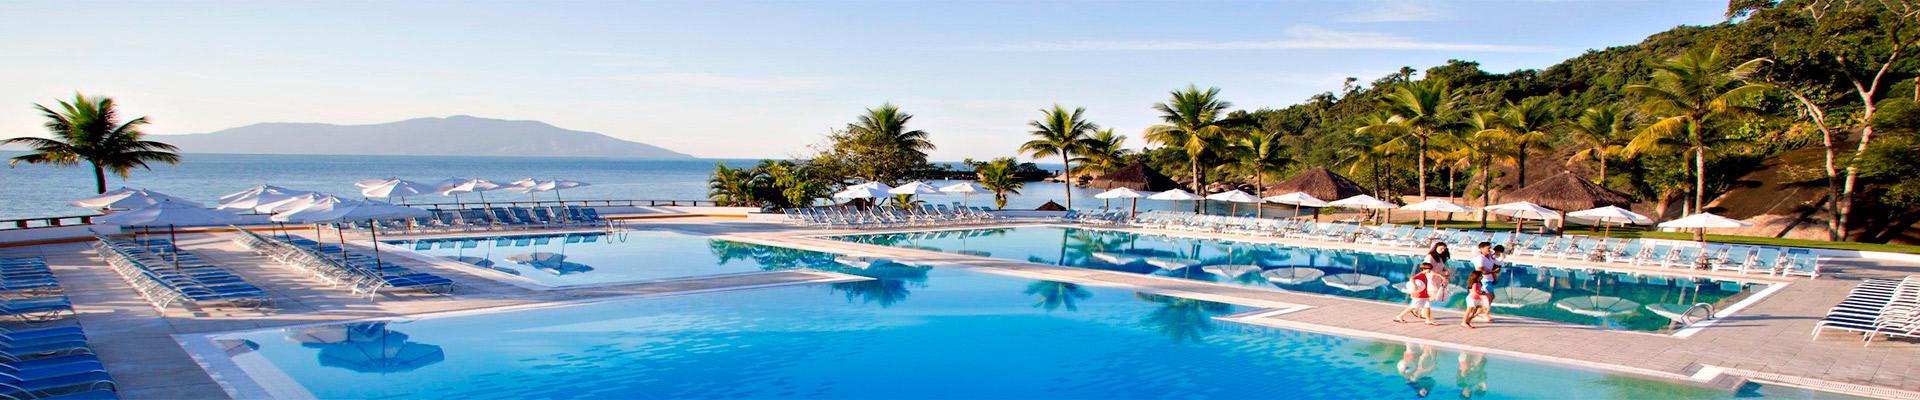 Club Med – Rio das Pedras